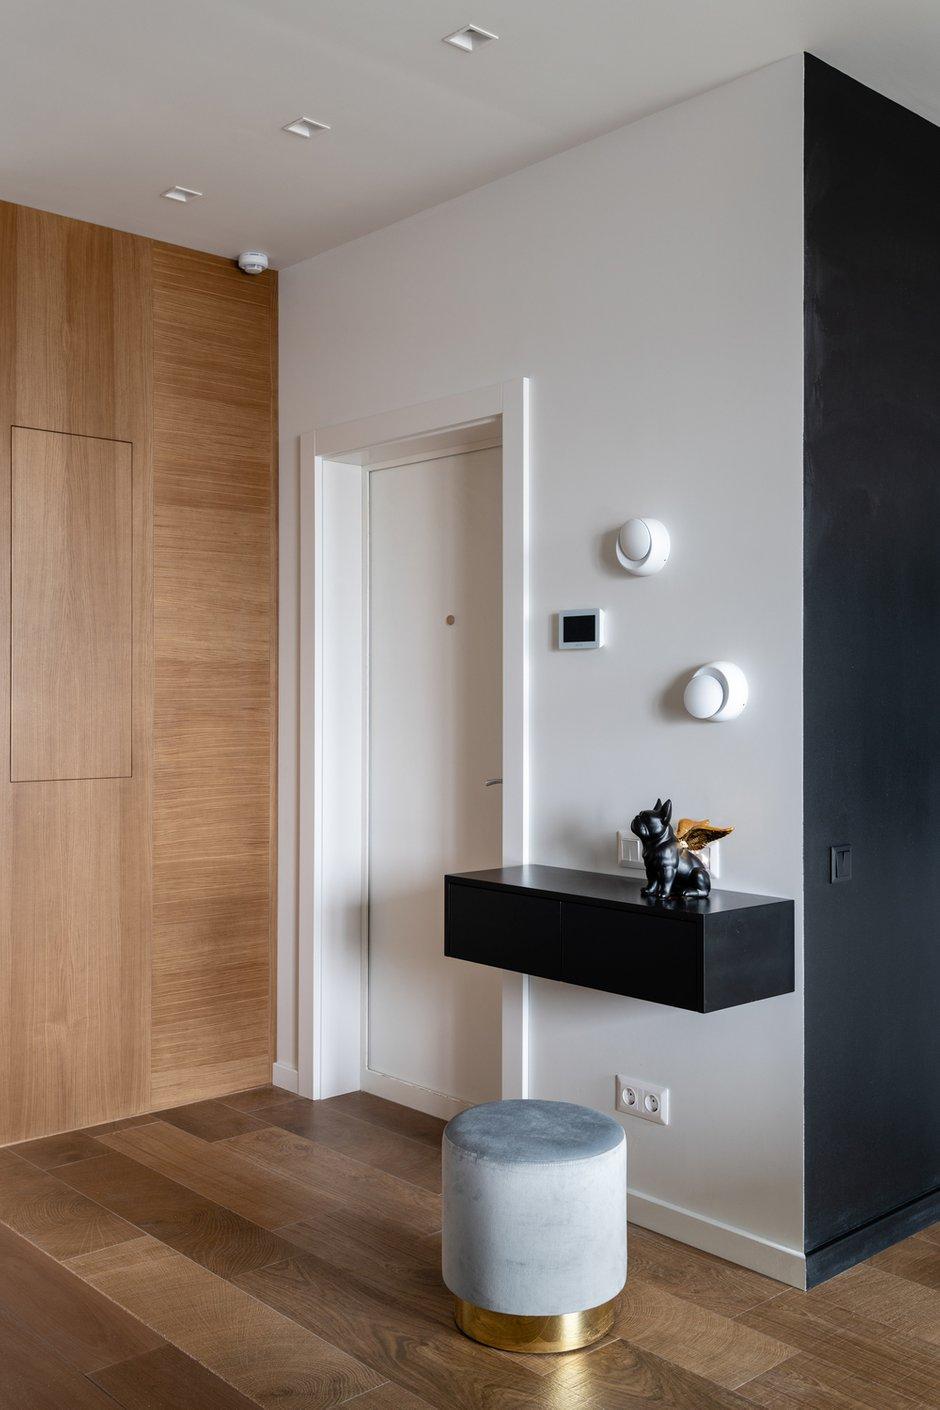 Фотография: Прихожая в стиле Современный, Квартира, Проект недели, 2 комнаты, 40-60 метров, Александра Гартке – фото на INMYROOM